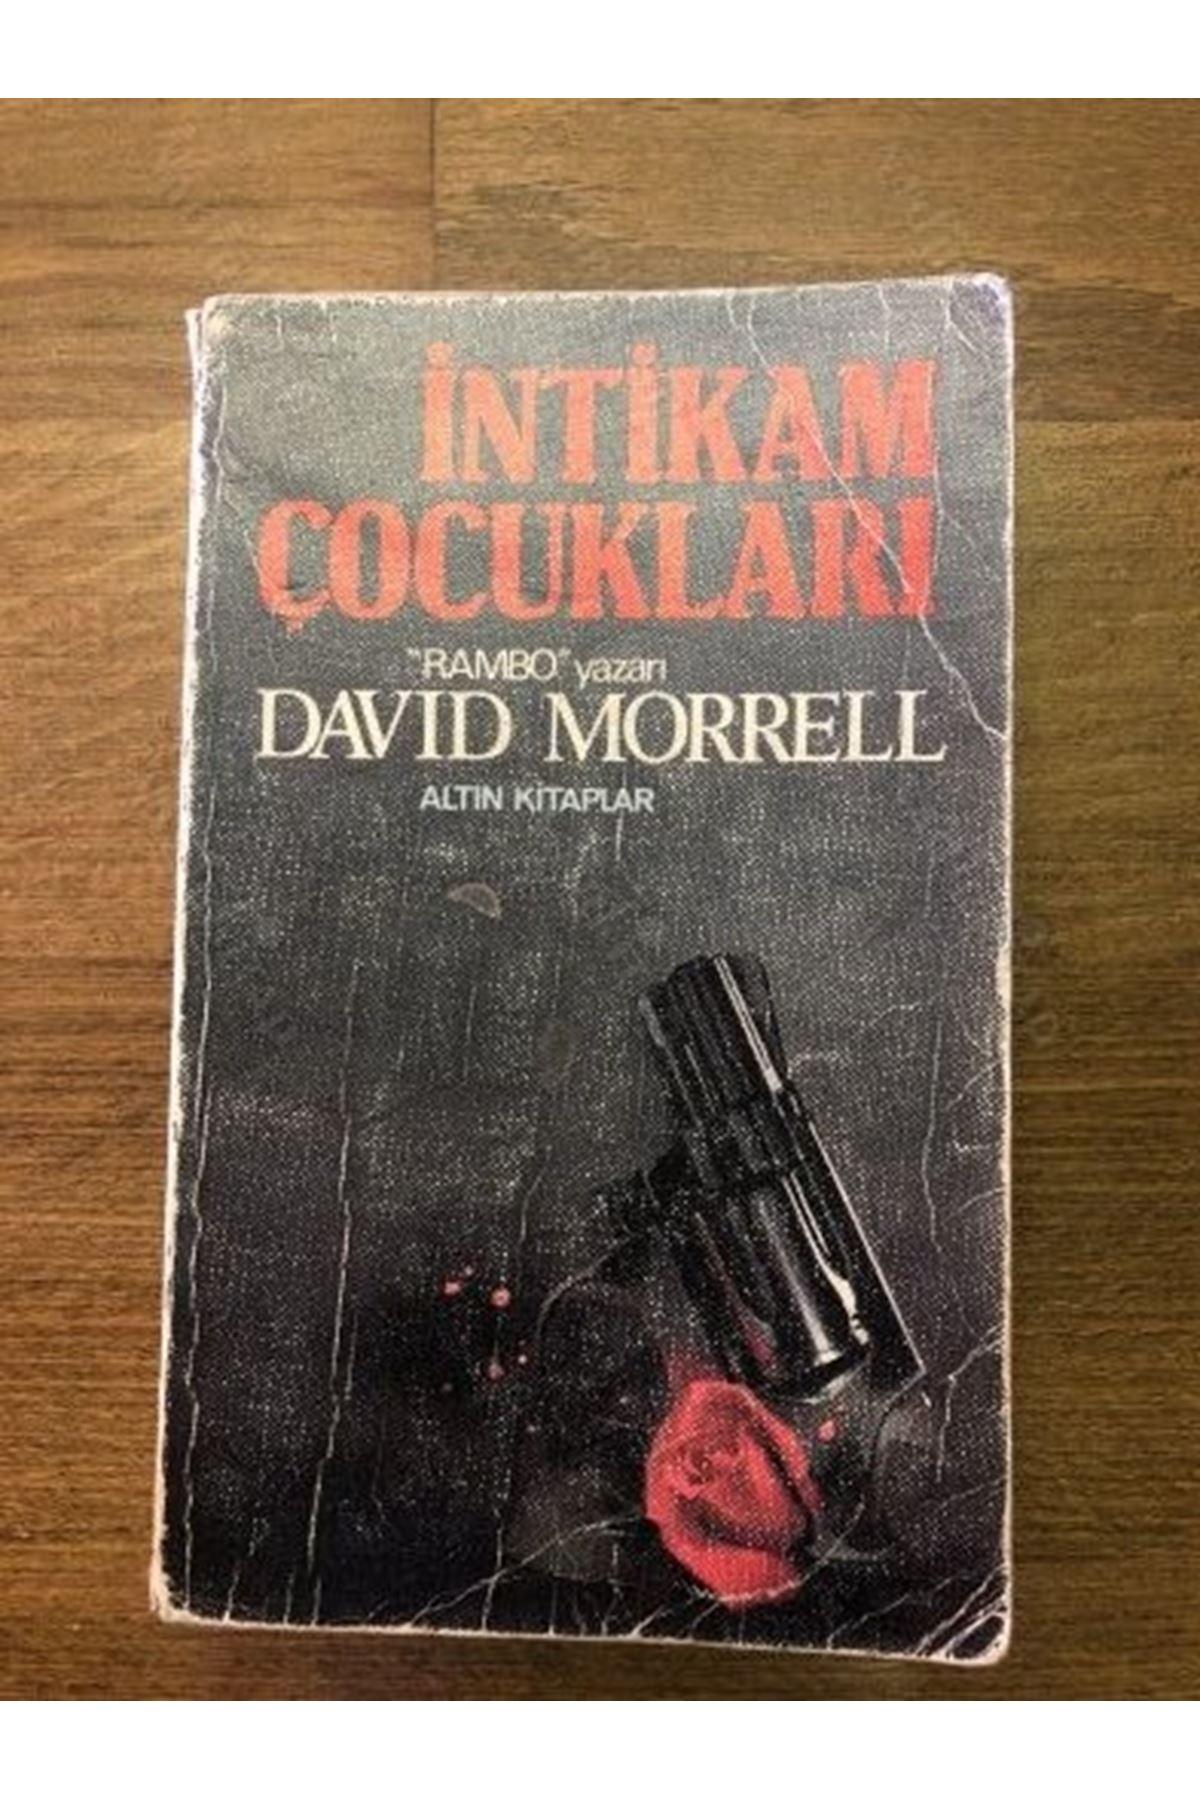 DAVİD MORRELL - İNTİKAM ÇOCUKLARI